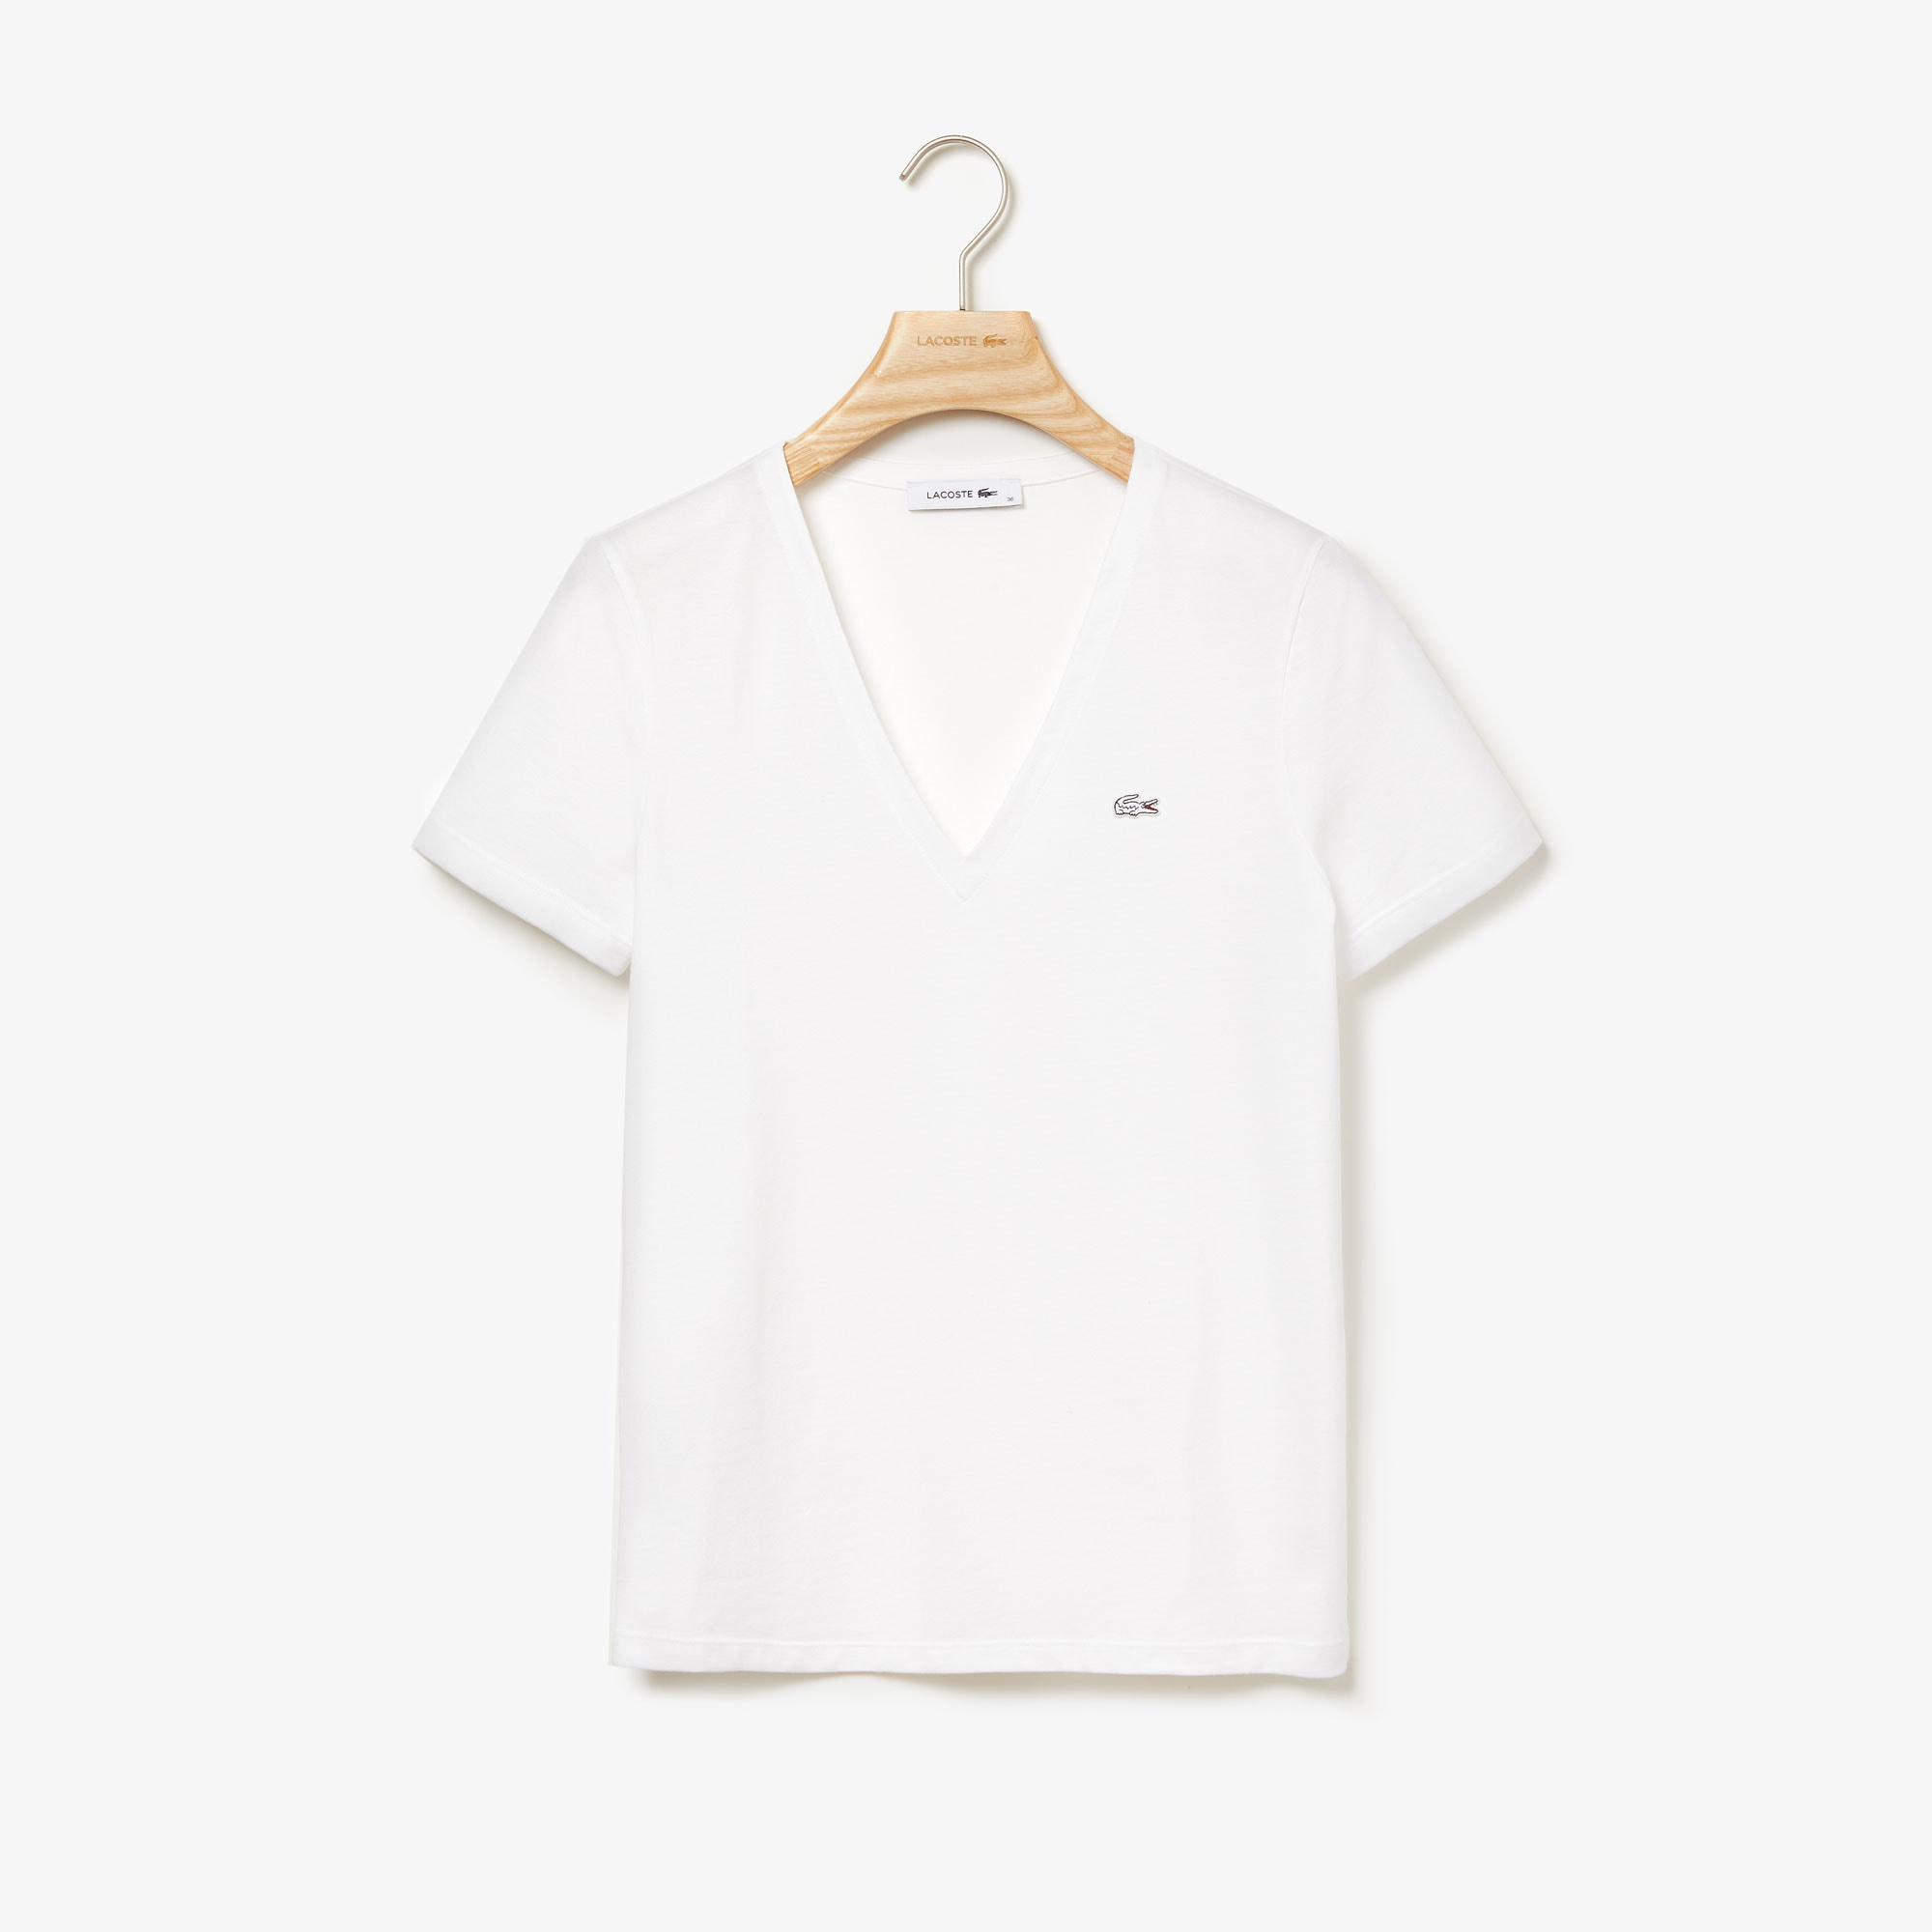 Col Jersey Shirt UniLacoste Fit Coton De Slim T En V zUVGMpqS